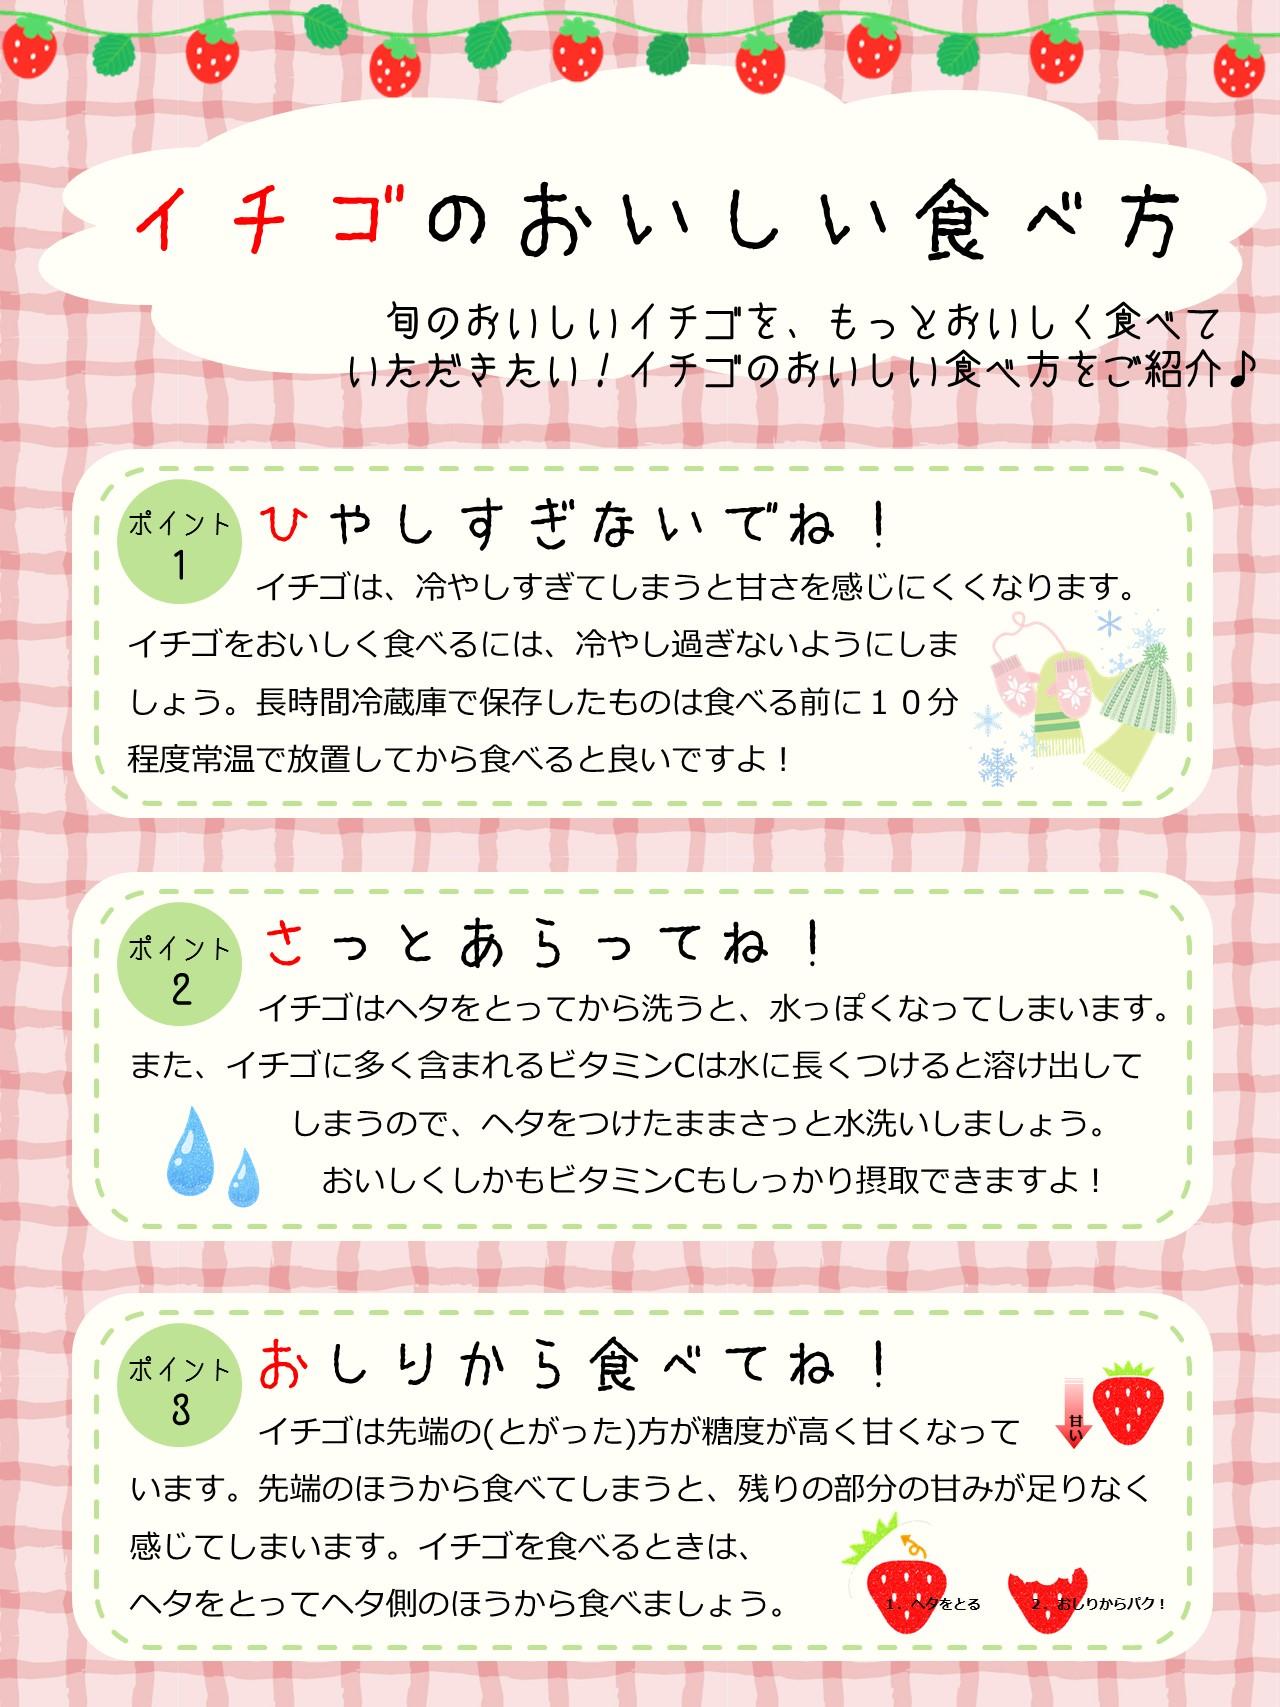 イチゴの食べ方